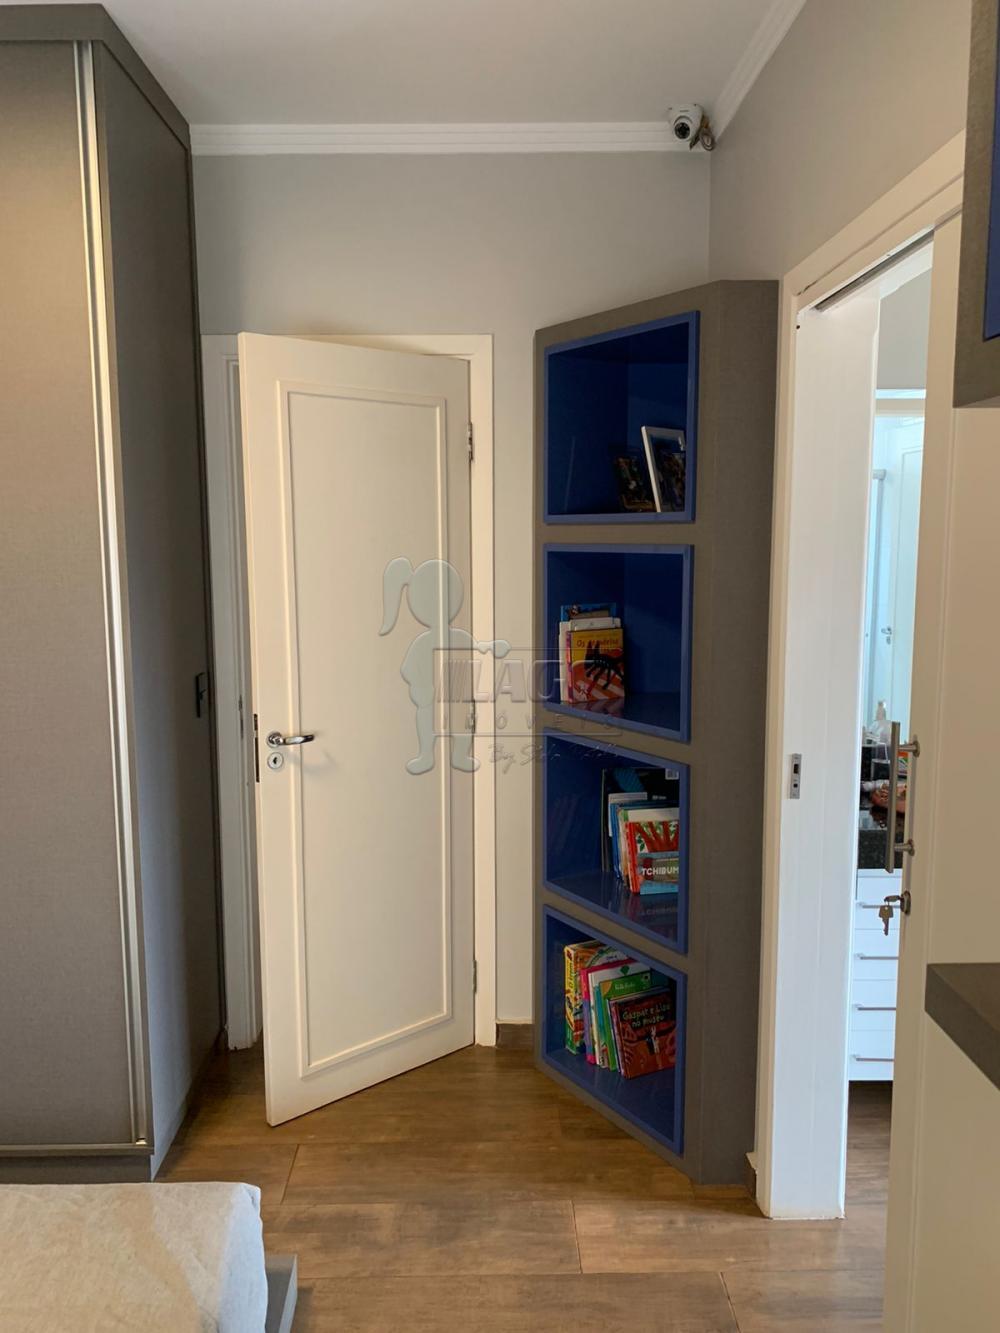 Comprar Casas / Condomínio em Bonfim Paulista R$ 1.555.000,00 - Foto 10